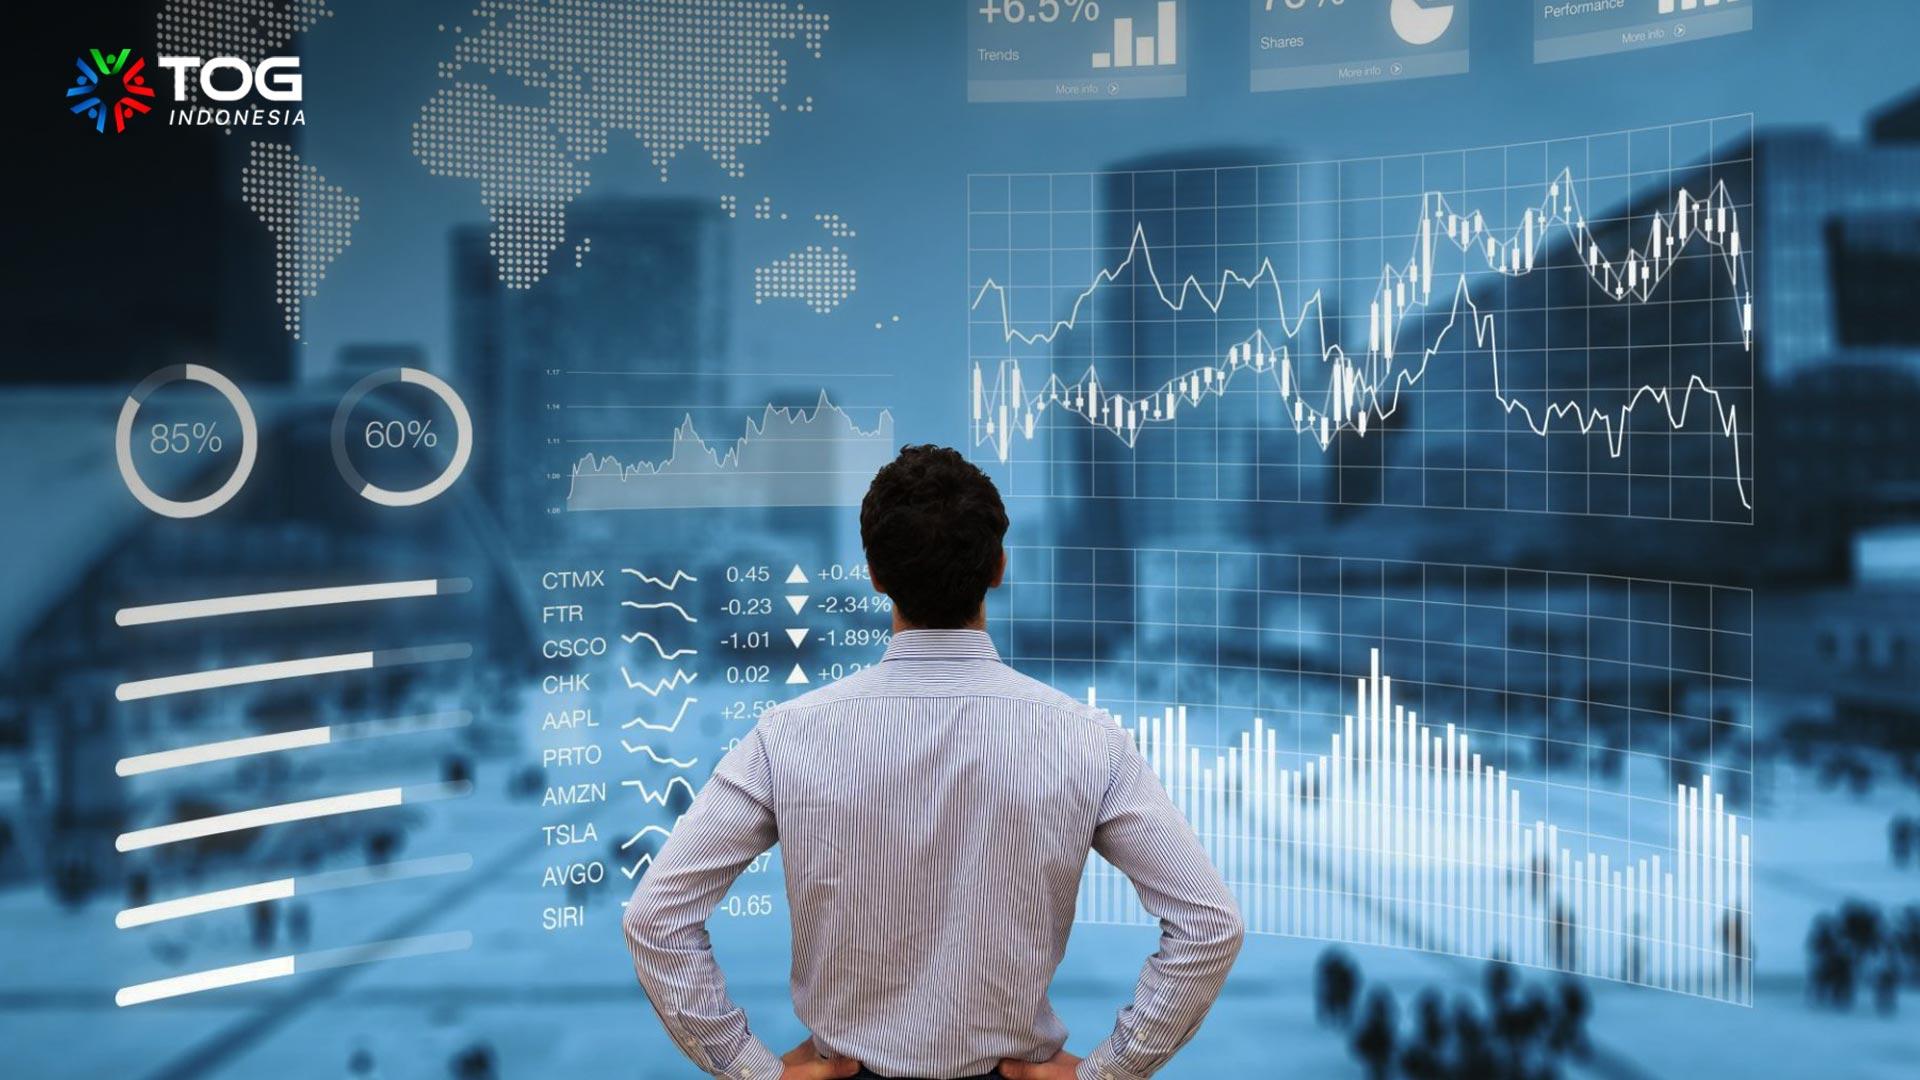 Mengenal Data Scientist, Profesi yang Menjanjikan Saat Ini